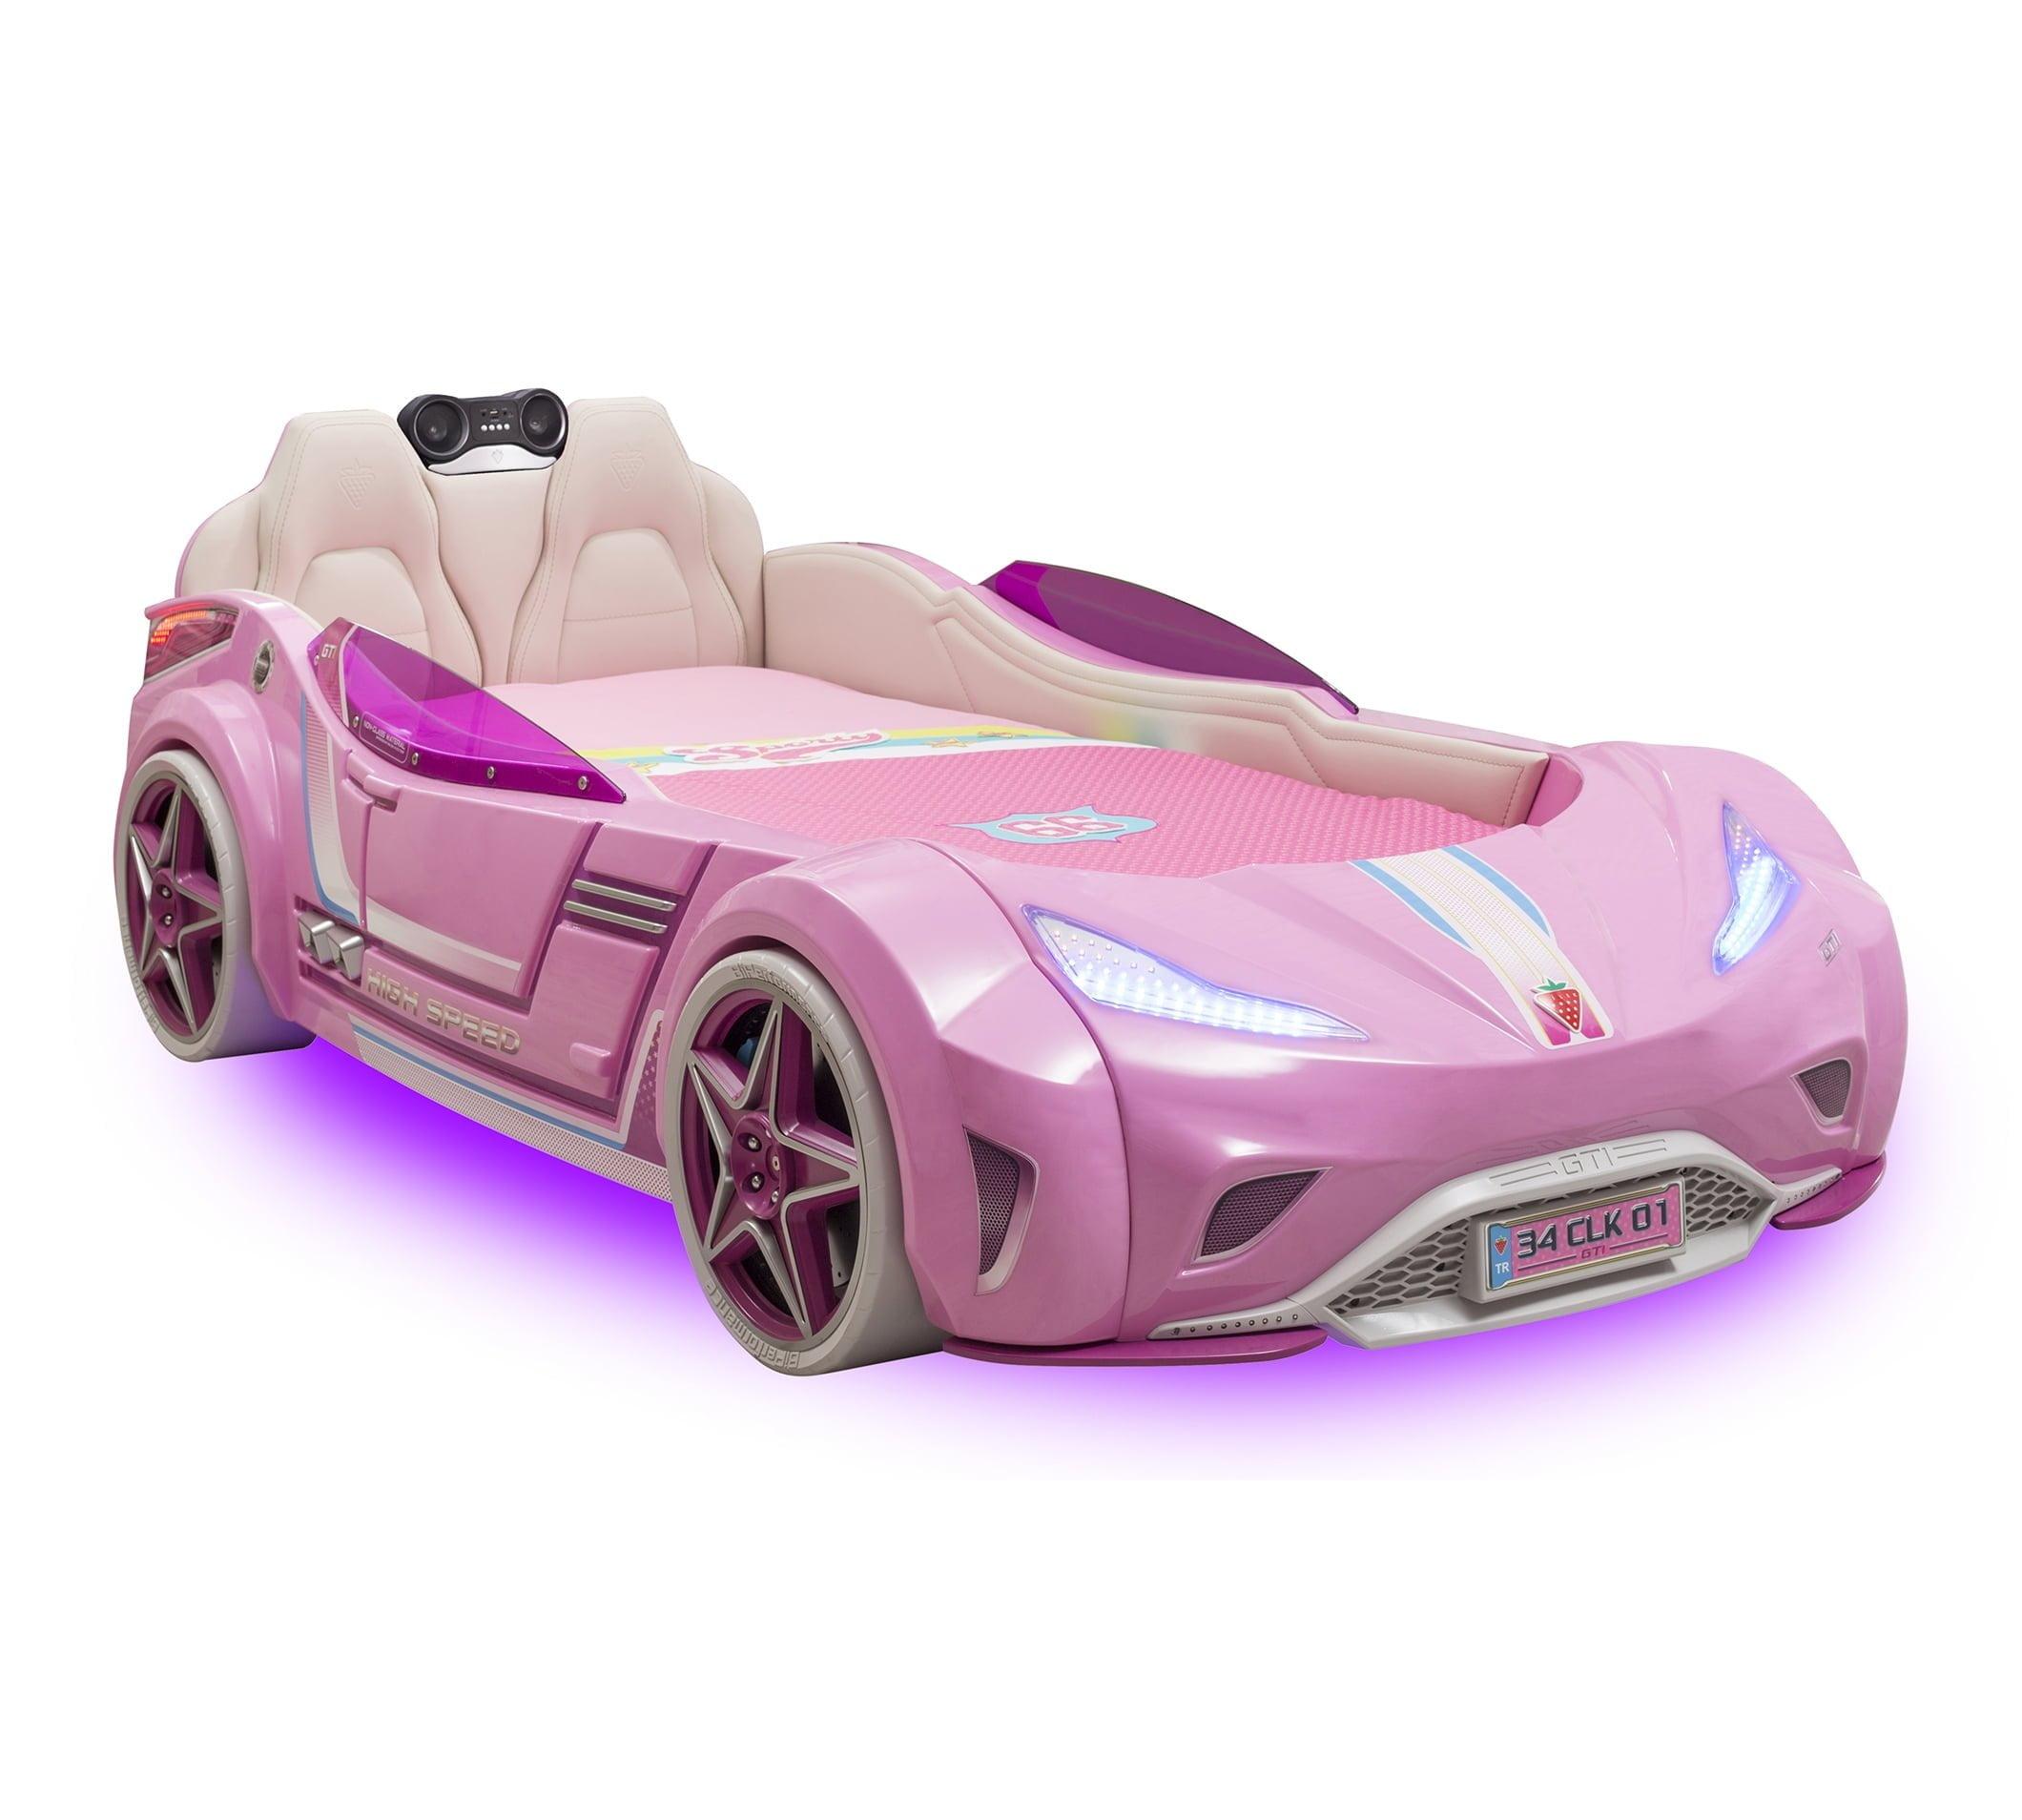 cilek-mobilya-gti-araba-karyola-pembe Çilek mobilya araba karyola modelleri